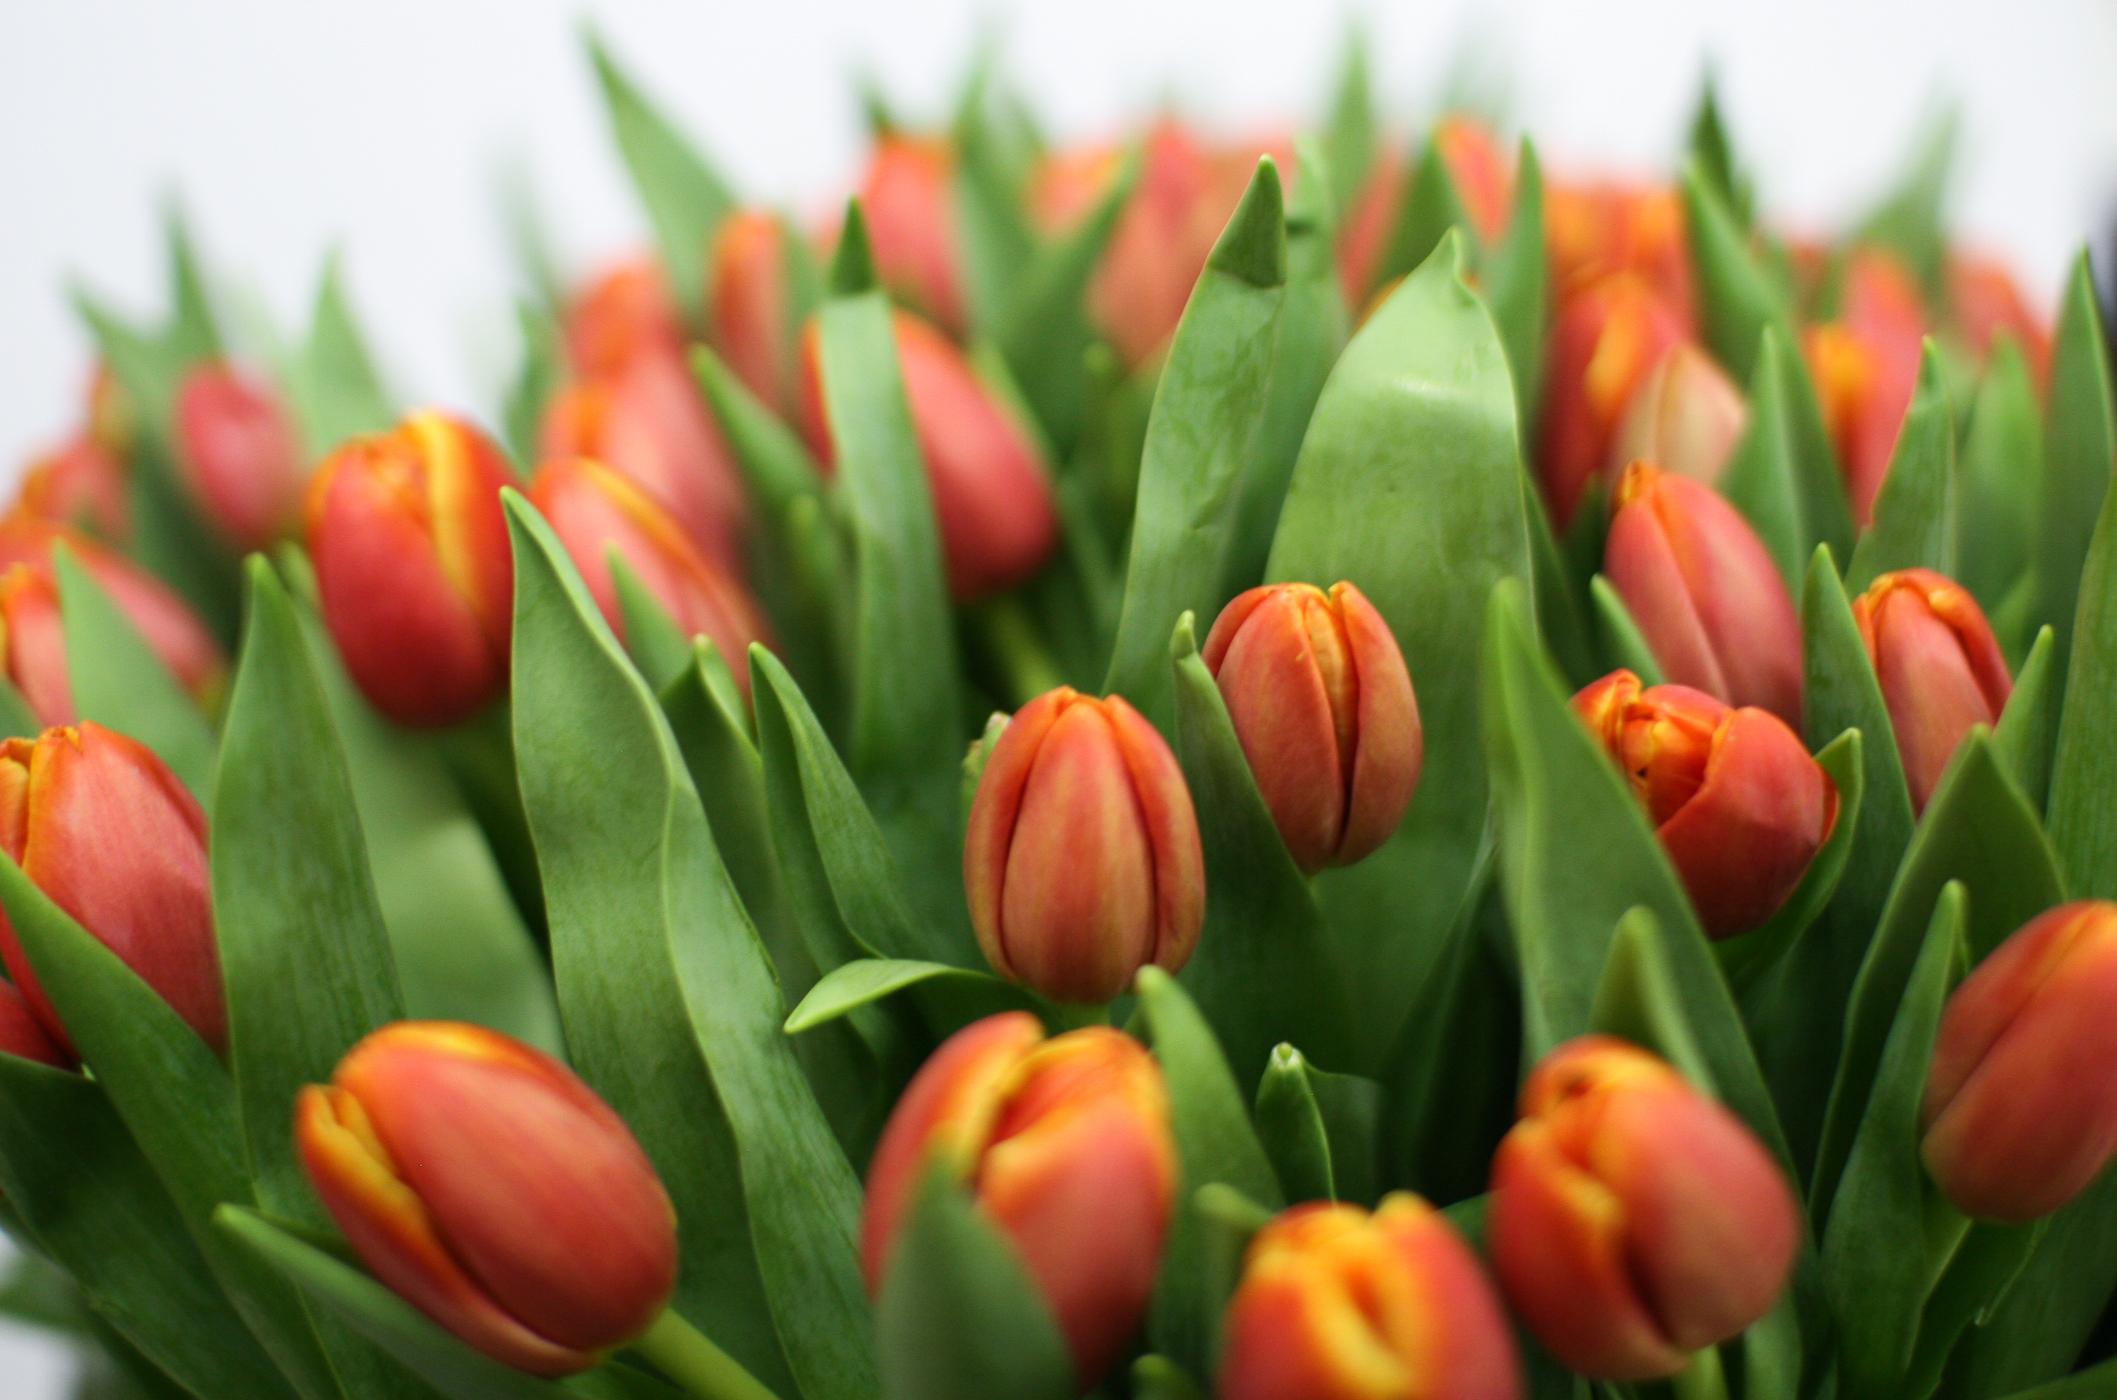 картинка из трех тюльпанов